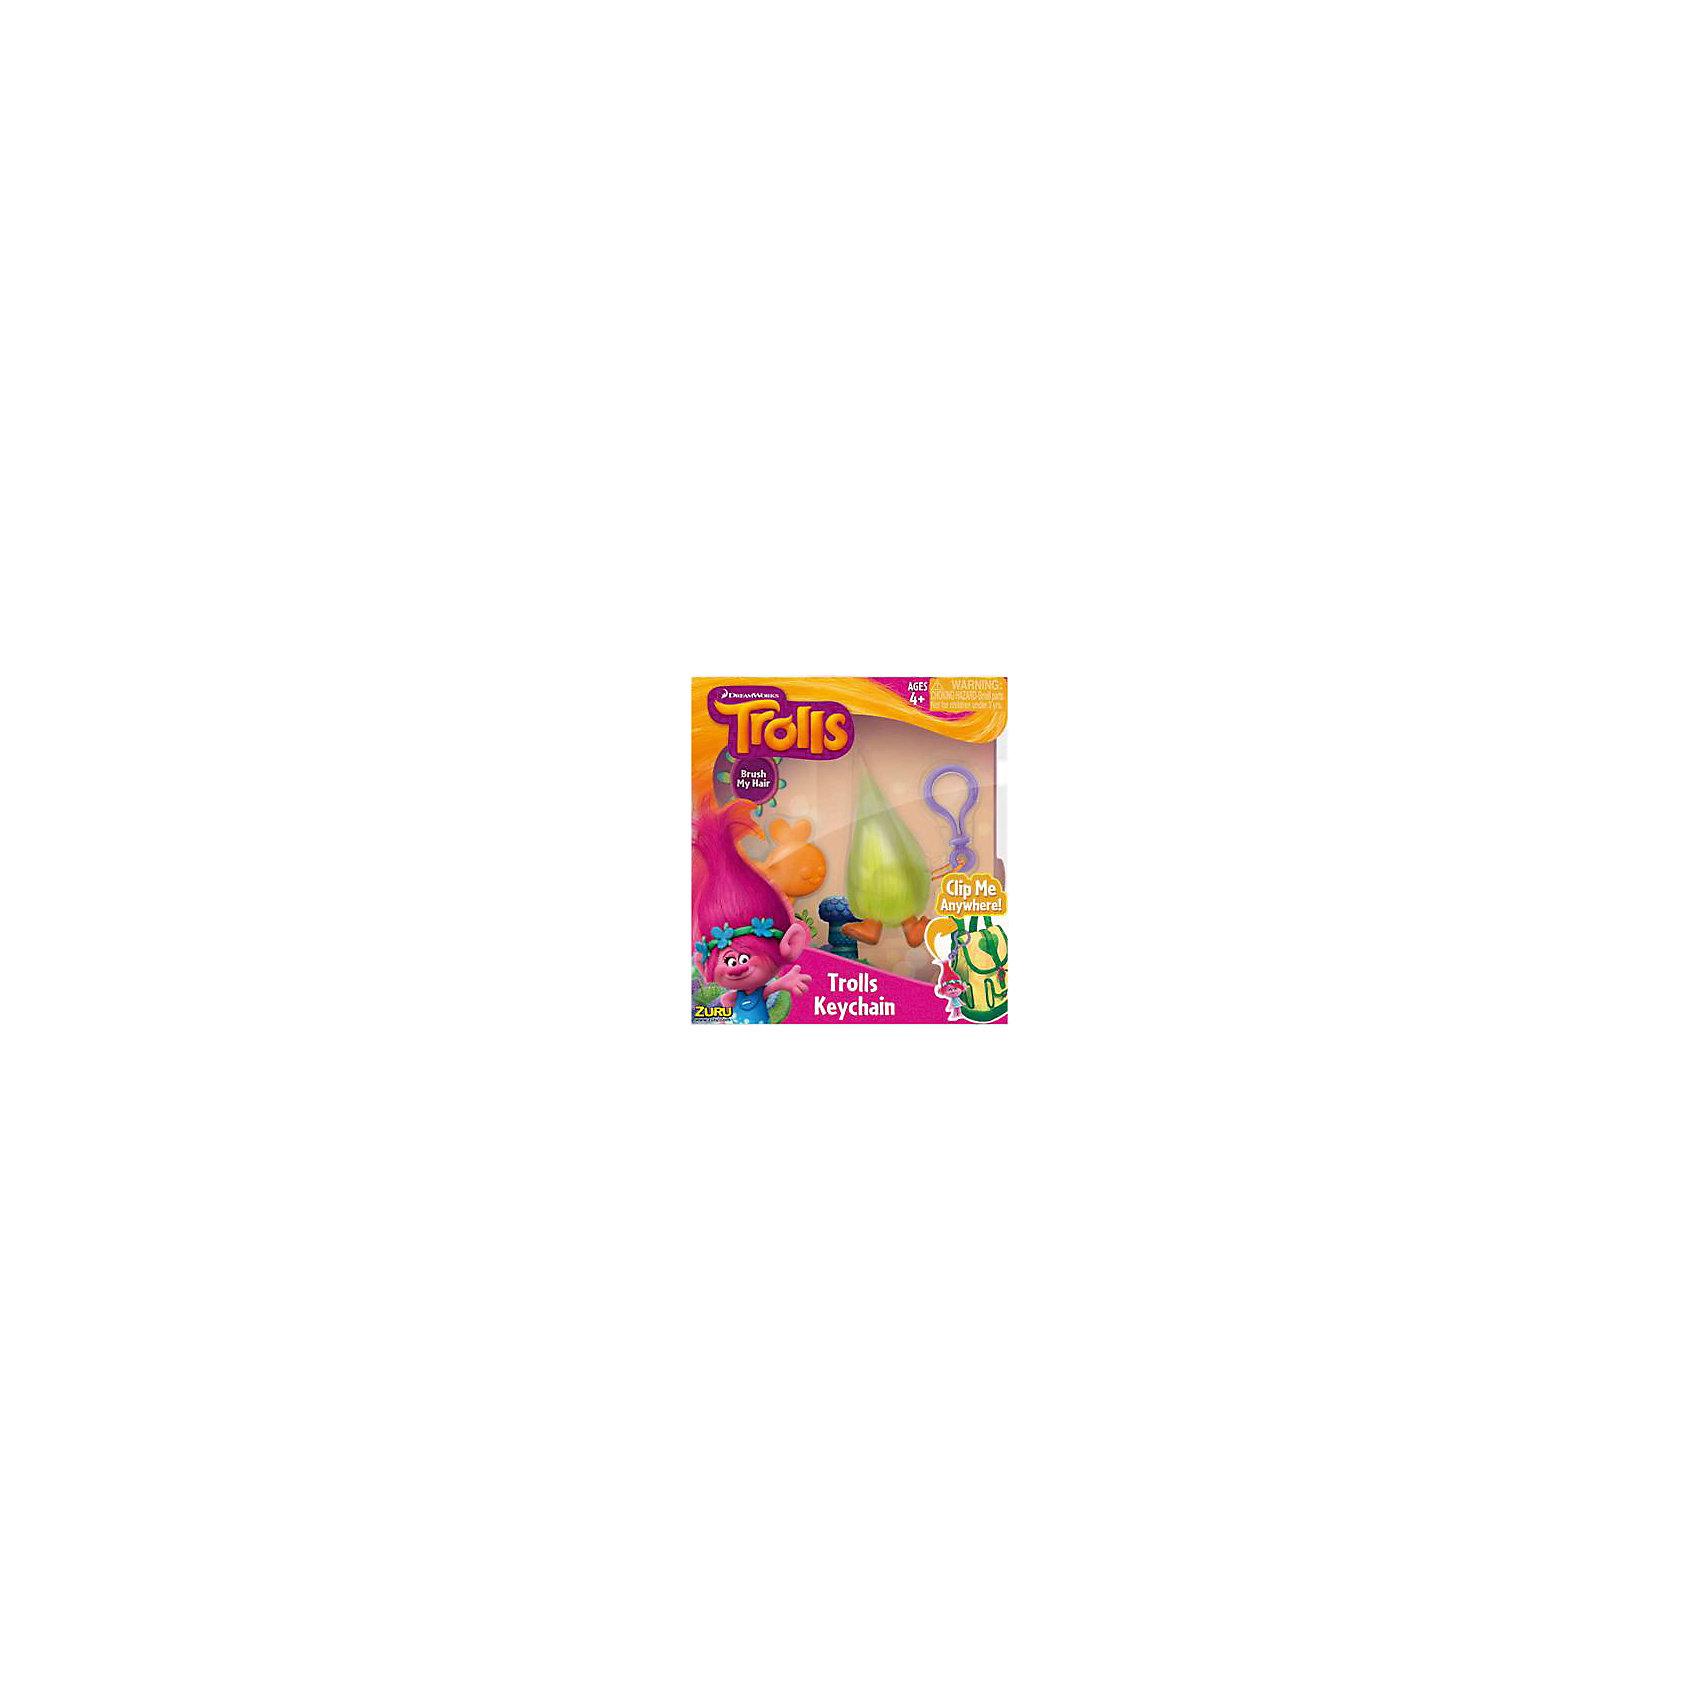 Фигурка Тролля Fuzzbert, на брелке в наборе с расческой, ТроллиКоллекционные и игровые фигурки<br>Характеристики фигурки Тролля Fuzzbert, на брелке в наборе с расческой:<br><br>- возраст: от 4 лет<br>- пол: девочек<br>- тип игрушки: брелок<br>- упаковка: коробка<br>- материал: полимер, текстиль<br>- тематика: фигурки герои мультфильмов<br>- размеры: высота фигурки 70 мм <br>- вес в упаковке: 105 г<br>- размер упаковки: 16 * 14.5 * 5 см<br>- состав: фигурка-брелок, расческа<br><br>Тролль Fuzzbert — один из главных героев нового мультфильма Trolls от студии DreamWorks. Фигурка с клипсой, выполненная из качественного пластика, непременно понравится каждому малышу, посмотревшему мультик. В комплекте идет игрушечная расческа, которой можно расчесывать пышную копну волос тролля и делать различные прически. Тролли это крошечные забавные создания, живущие в своем маленьком мирке. Игрушка выполнена в высокой детализации, внешне очень симпатичная. С помощью клипсы можно прикрепить фигурку к рюкзаку, сумке, или к любому другому подходящему предмету.<br><br>Фигурку Тролля Fuzzbert, на брелке в наборе с расческой можно купить в нашем интернет-магазине<br><br>Ширина мм: 150<br>Глубина мм: 50<br>Высота мм: 160<br>Вес г: 100<br>Возраст от месяцев: 36<br>Возраст до месяцев: 192<br>Пол: Унисекс<br>Возраст: Детский<br>SKU: 5030523